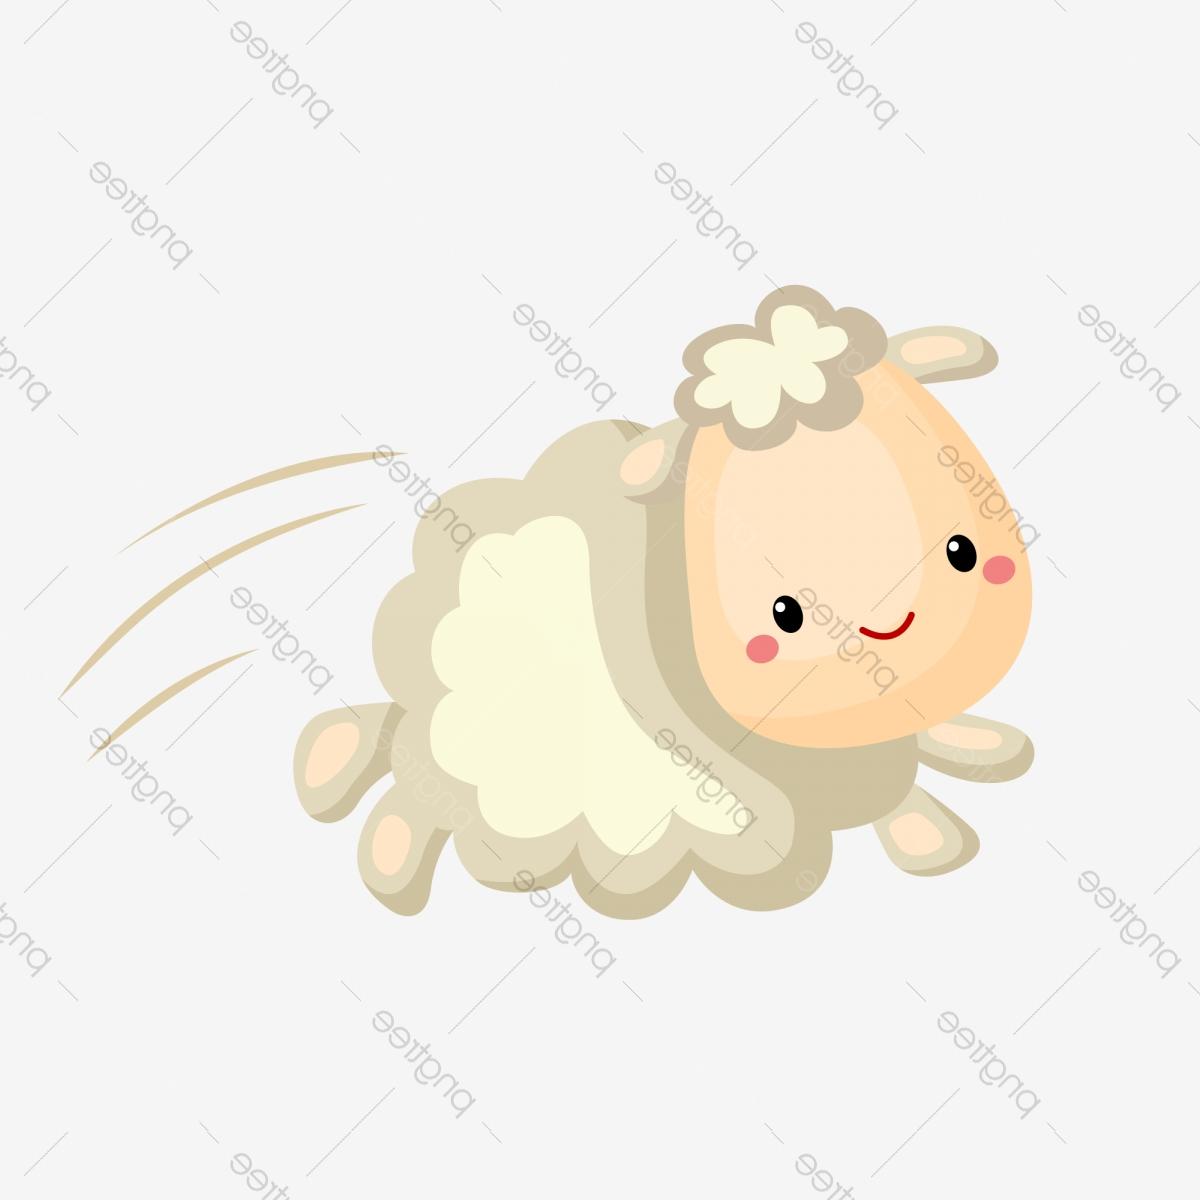 Gambar Animasi Kambing Biri Biri Kambing Kartun, Clipart with Gambar Domba Animasi